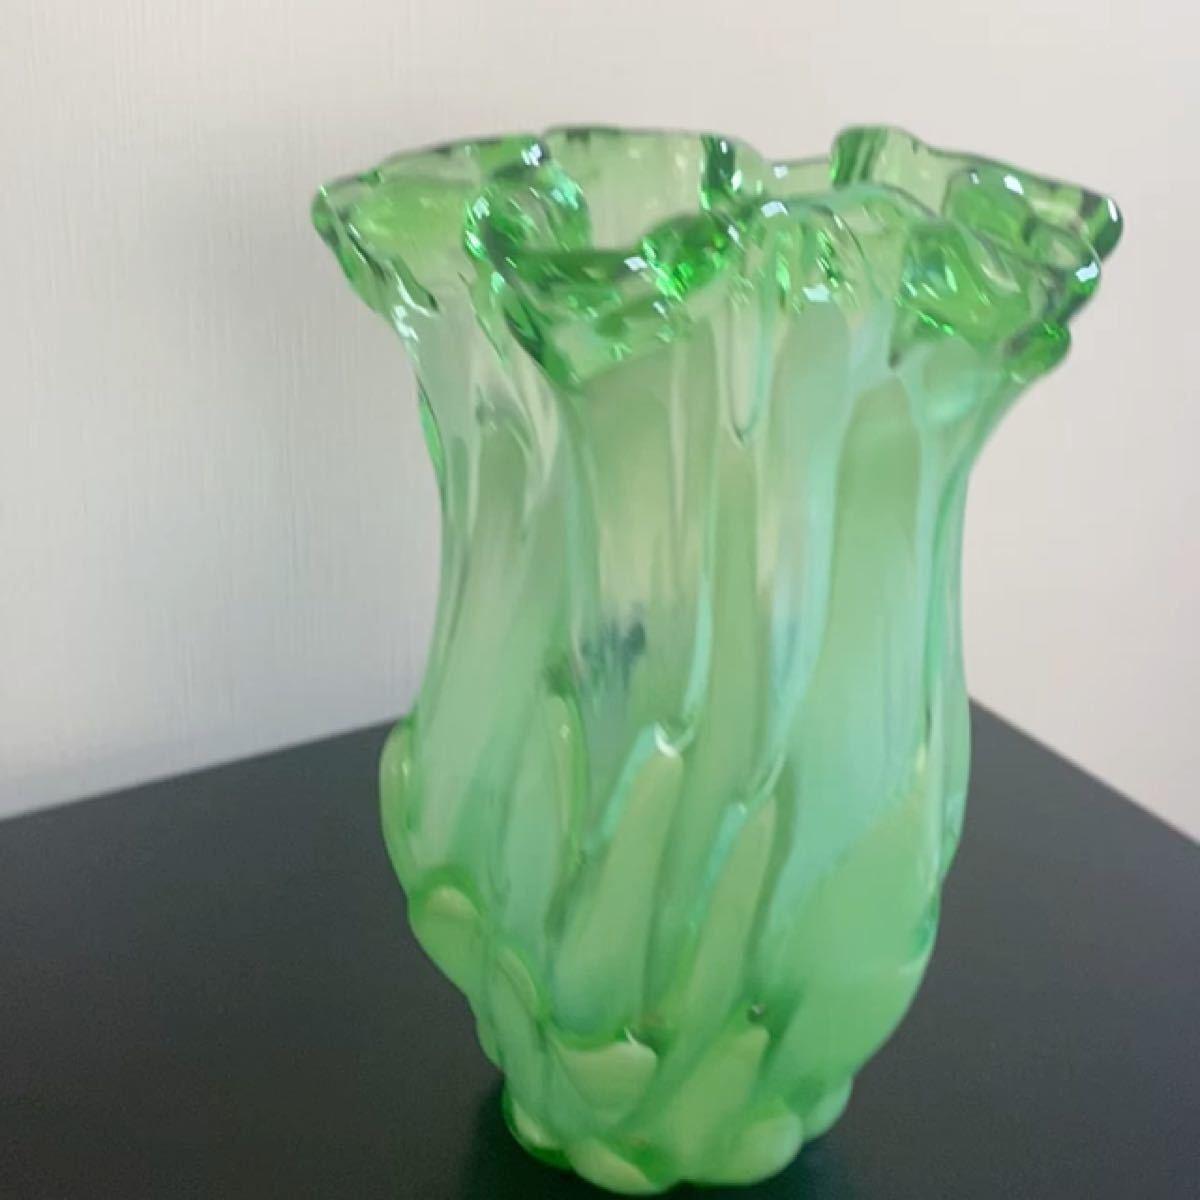 花瓶 花器 フラワーベース ガラス インテリア オブジェ 緑色 昭和 レトロ